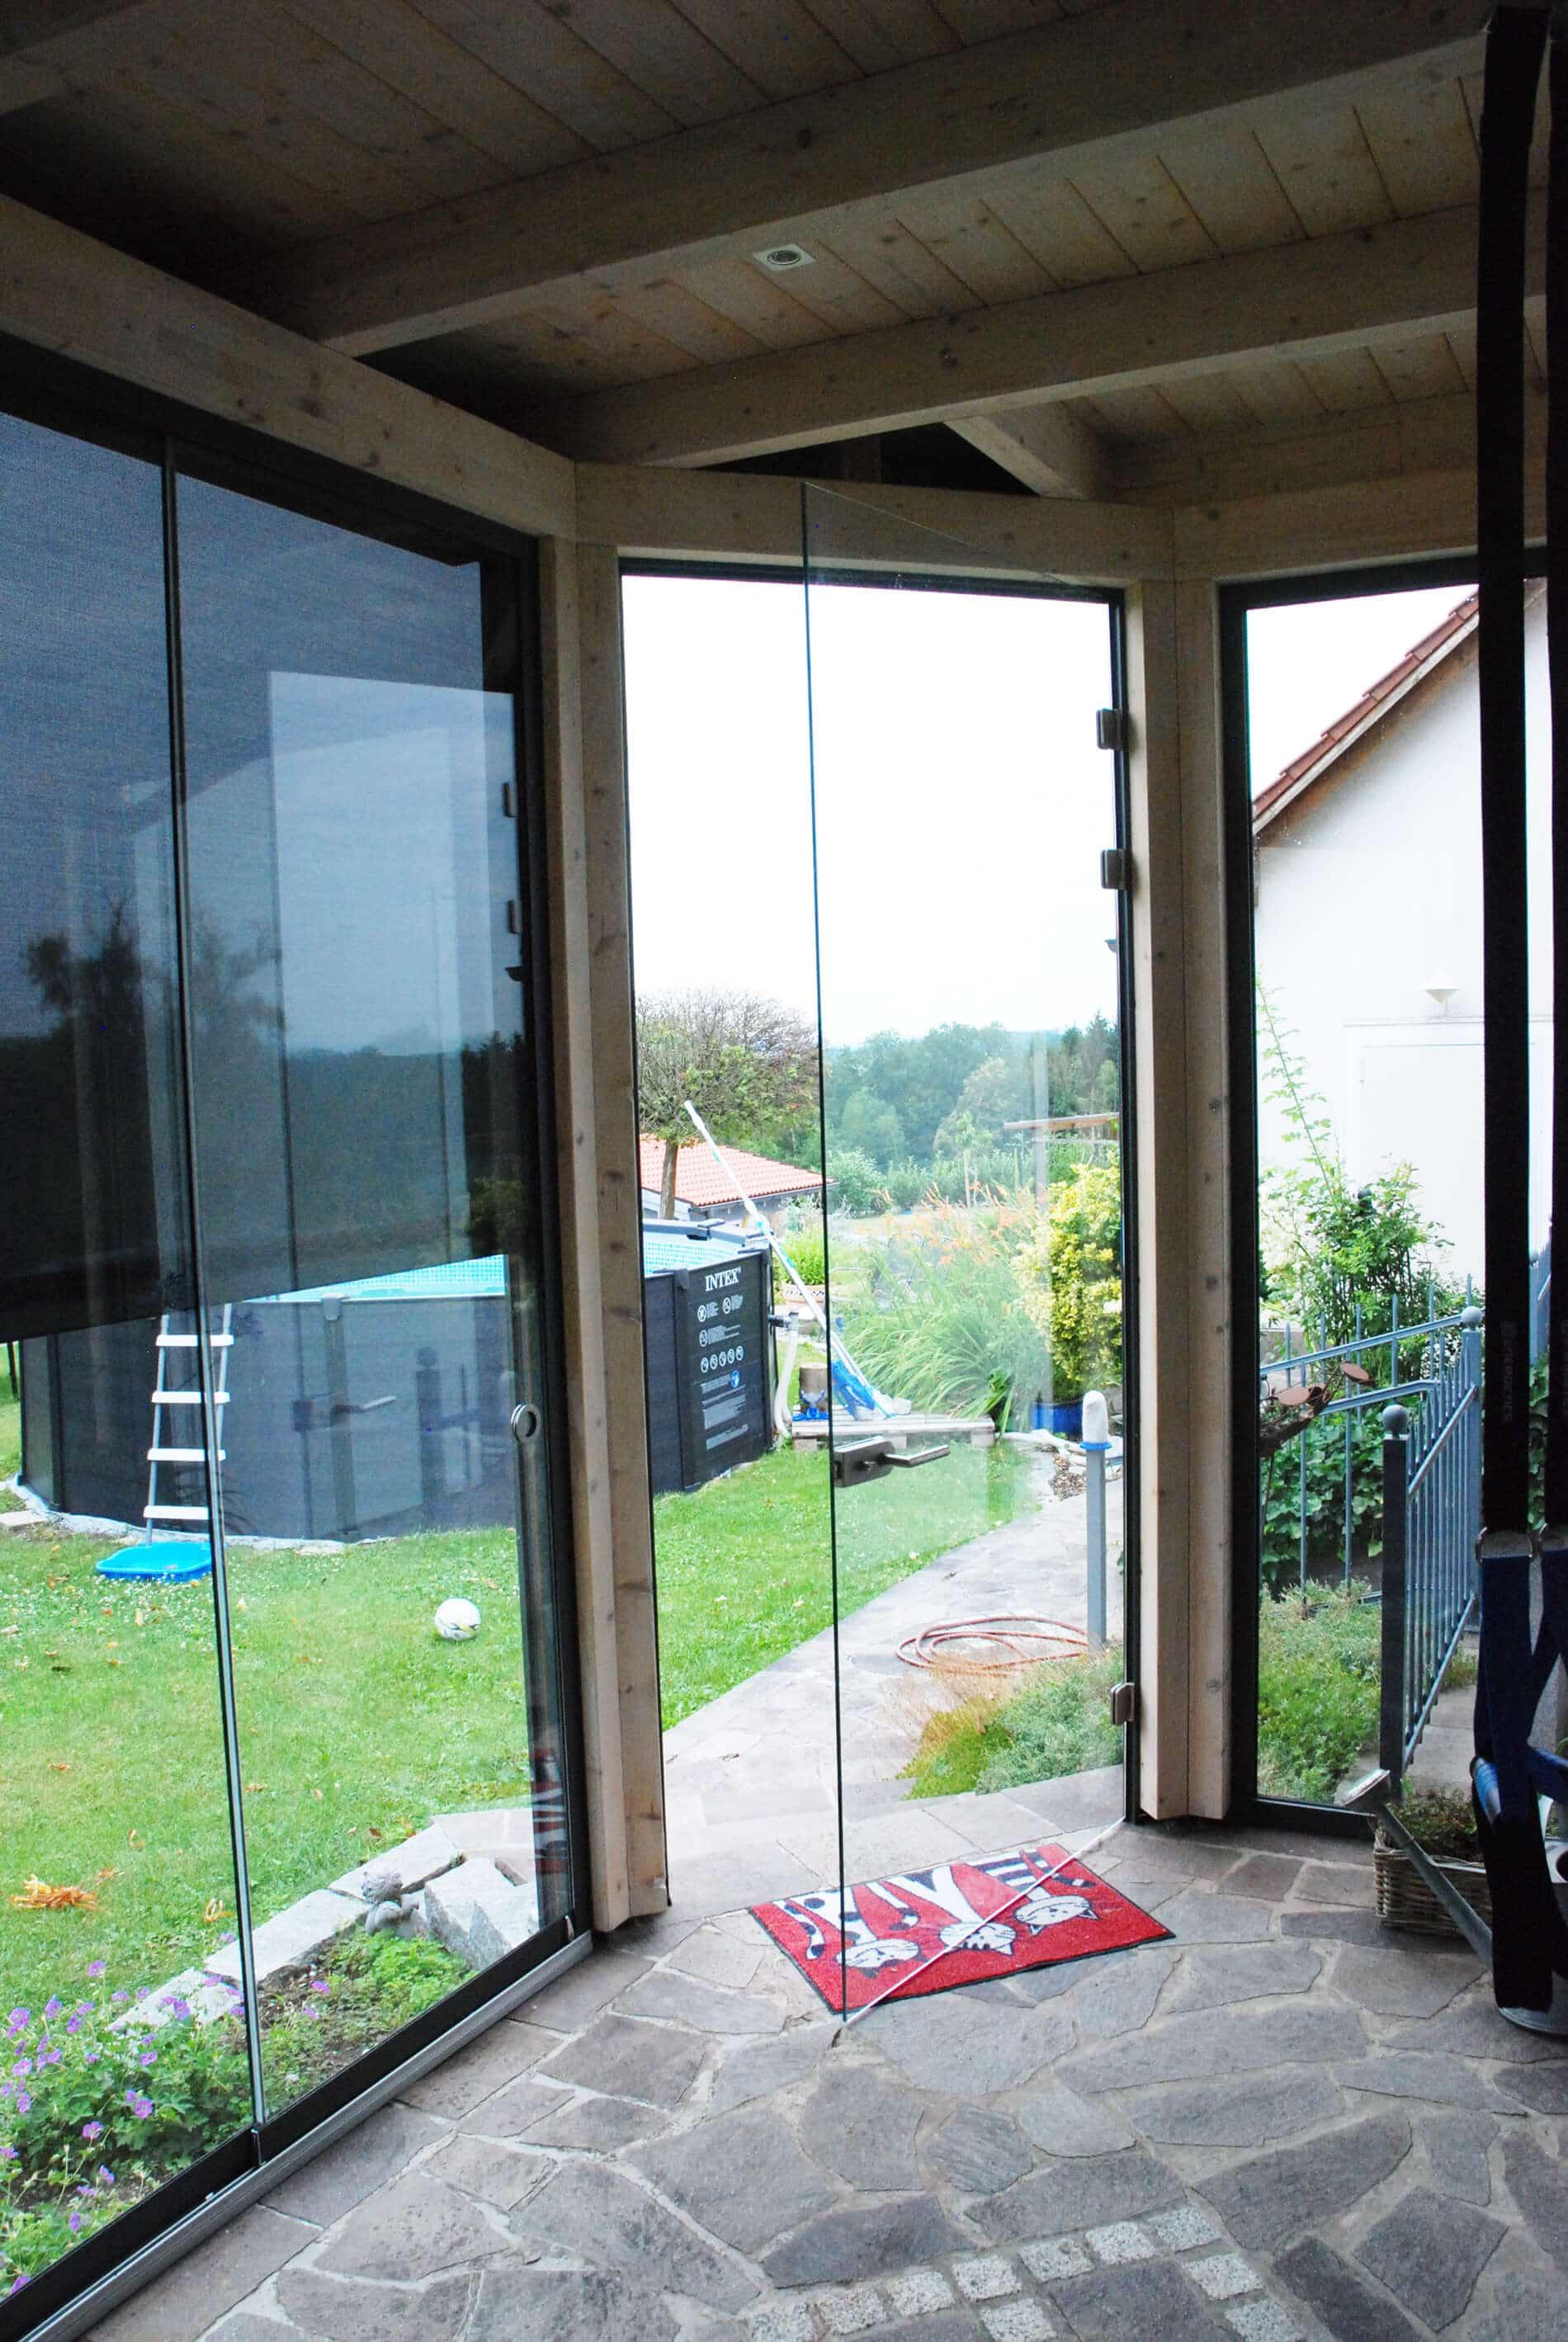 Sommergarten mit Glastüren und Schiebewänden